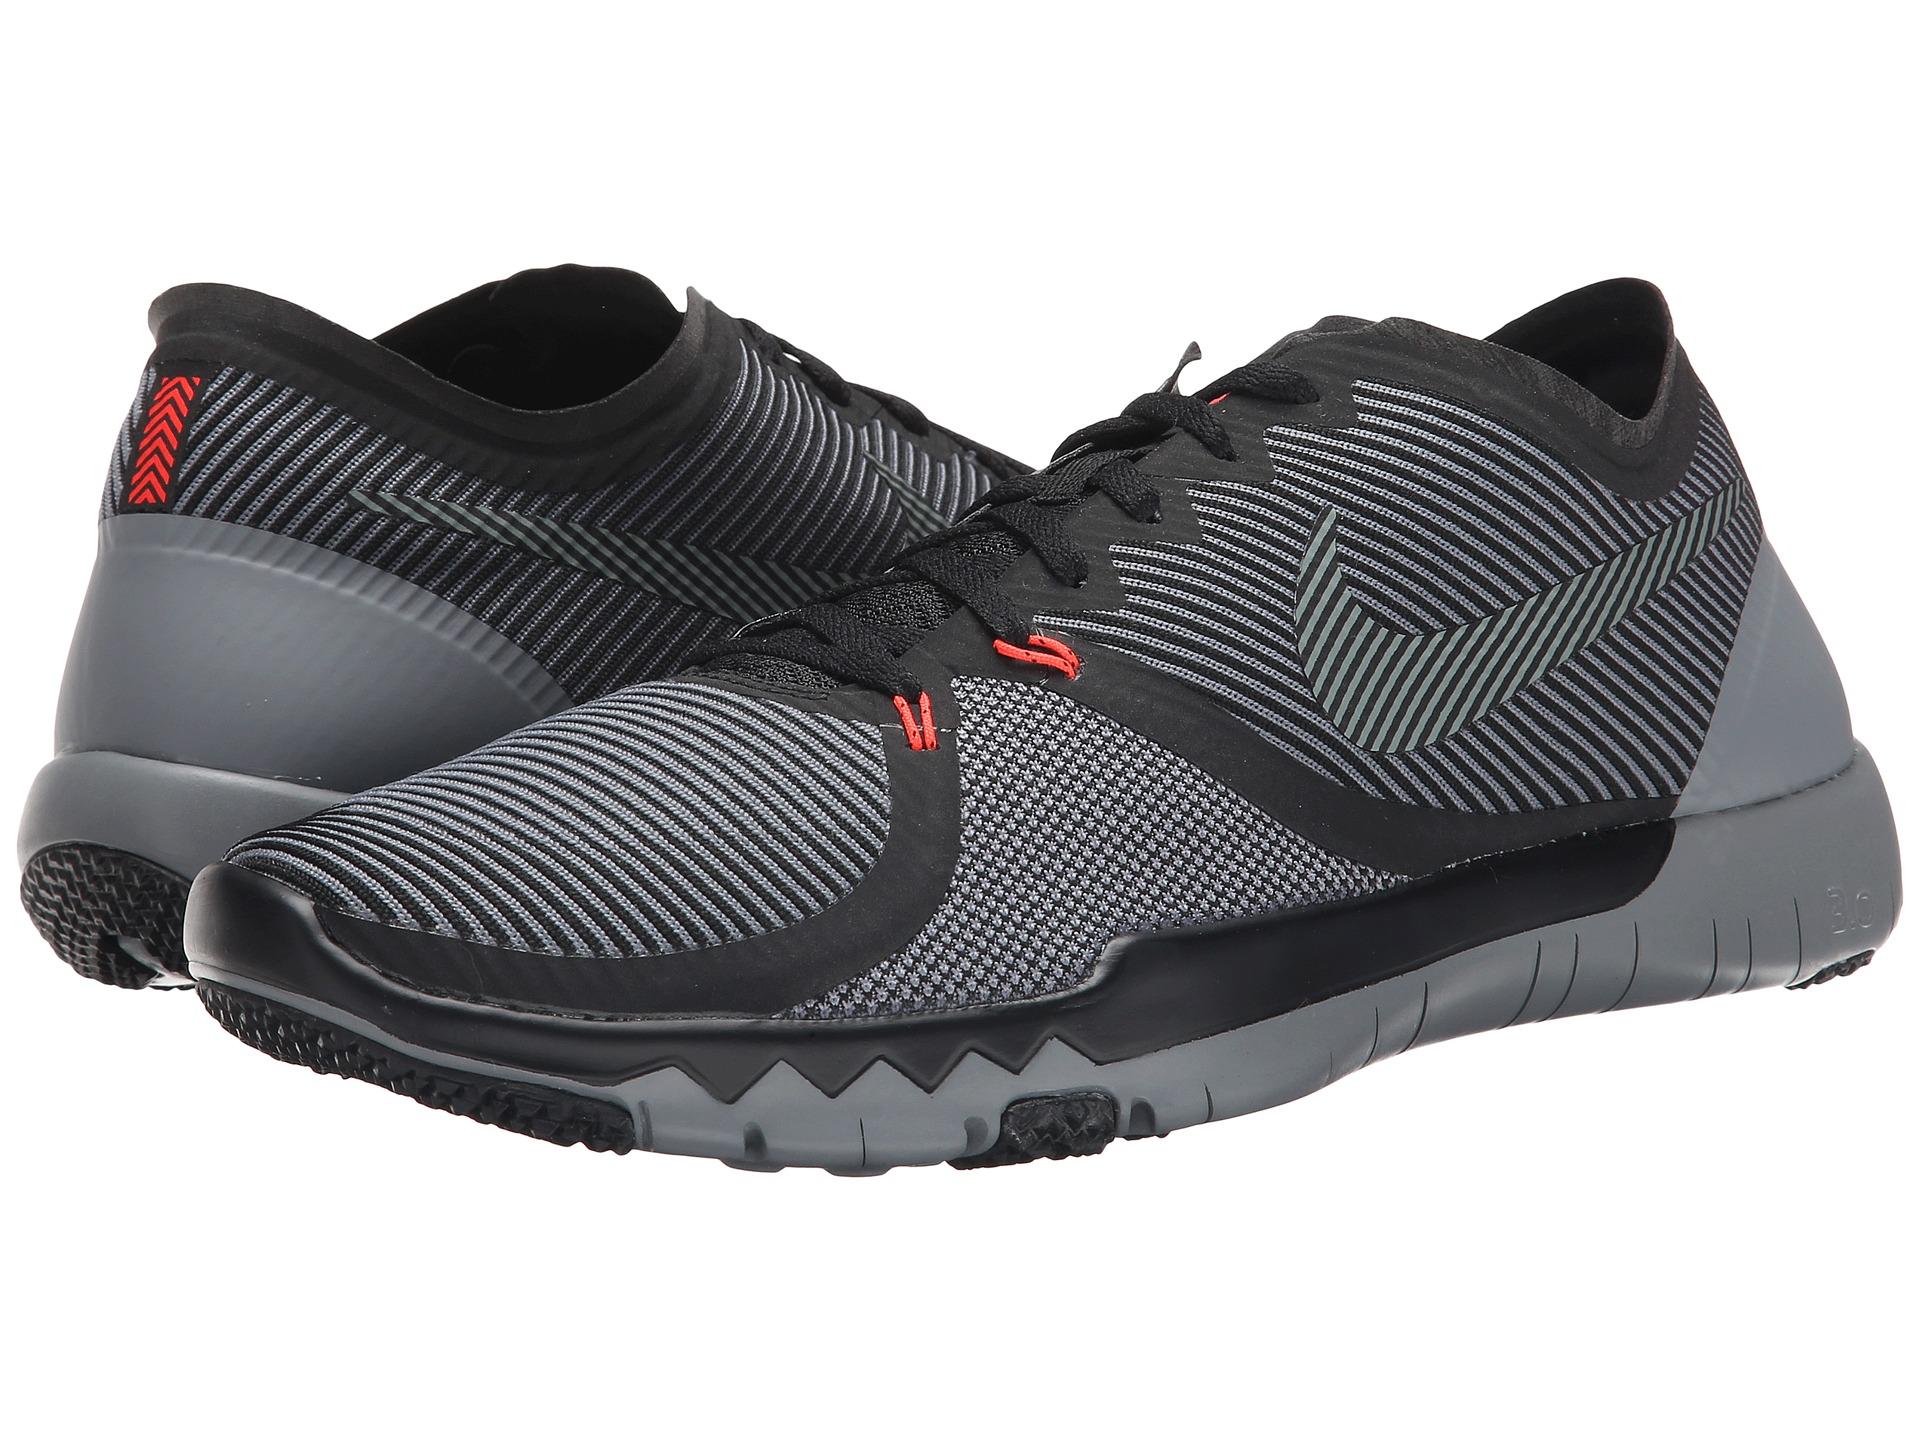 Nike Nike Trainer Gratuit 3.0 V4 Noir / Gris Léopard